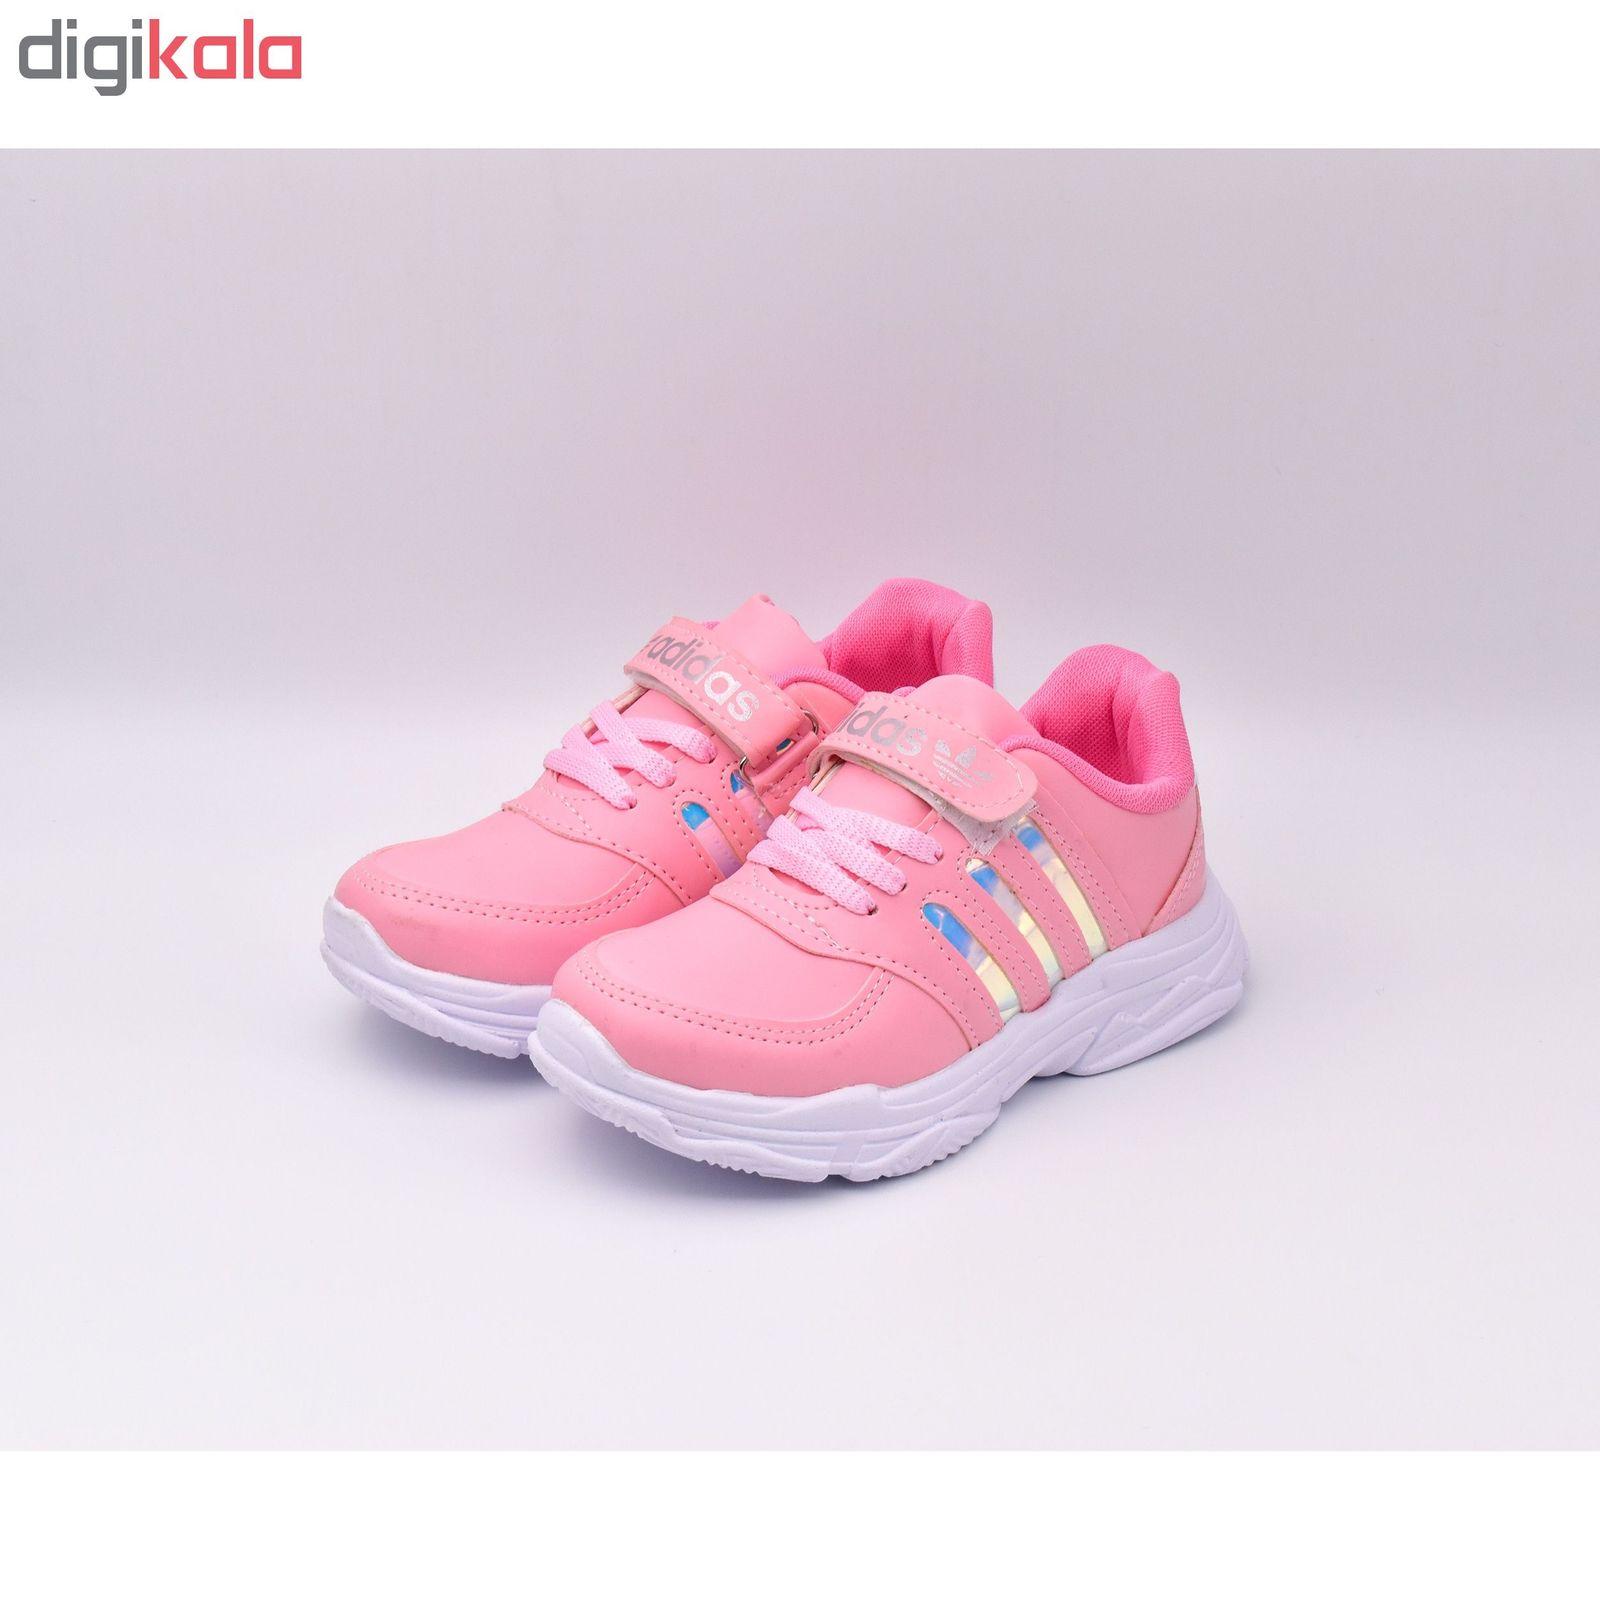 کفش مخصوص پیاده روی دخترانه مدل پاتریس کد 5730